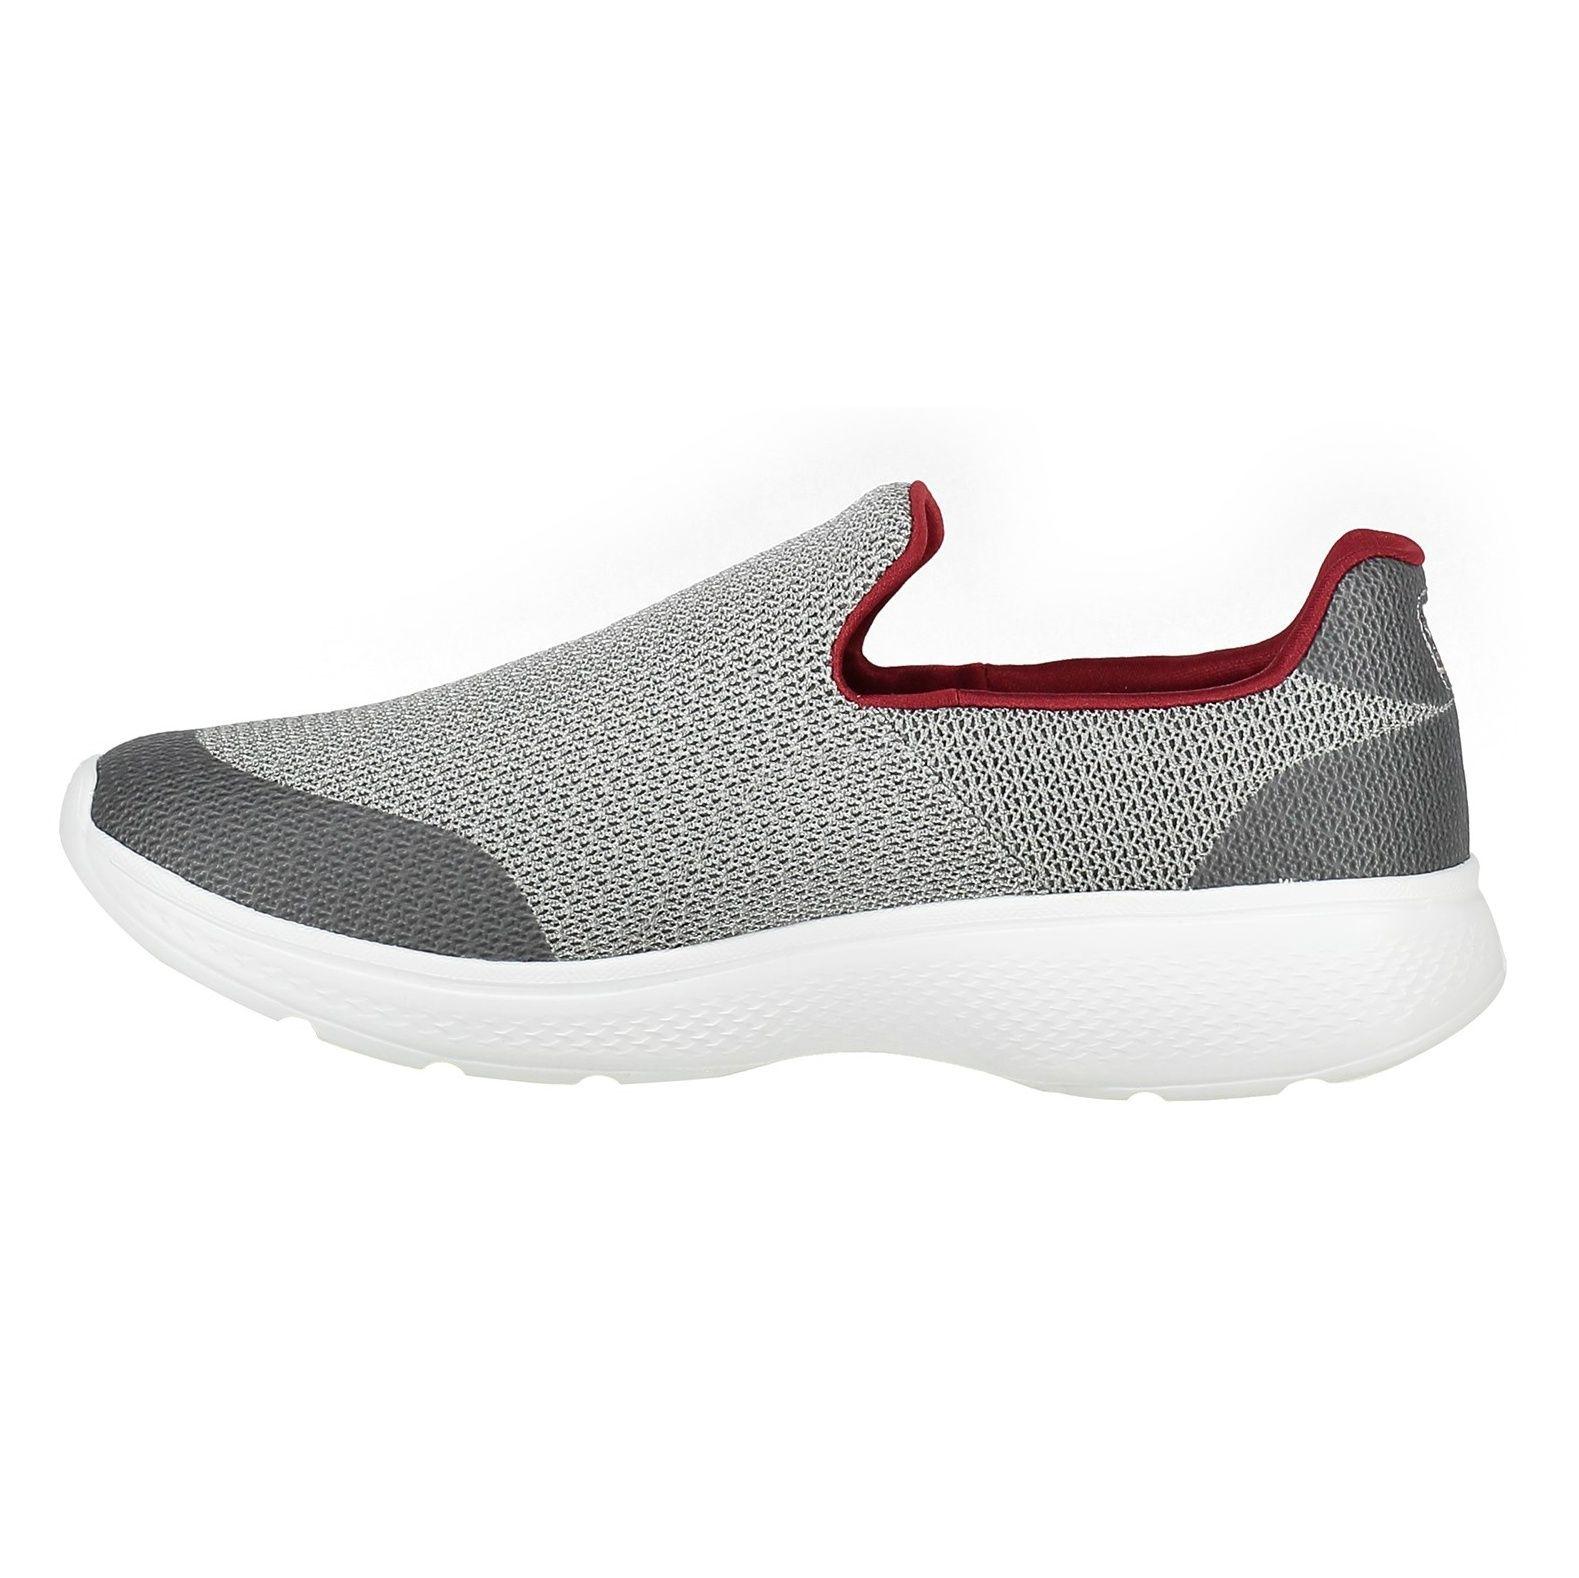 کفش پیاده روی پارچه ای مردانه GOwalk 4 Expert - اسکچرز - طوسي - 3